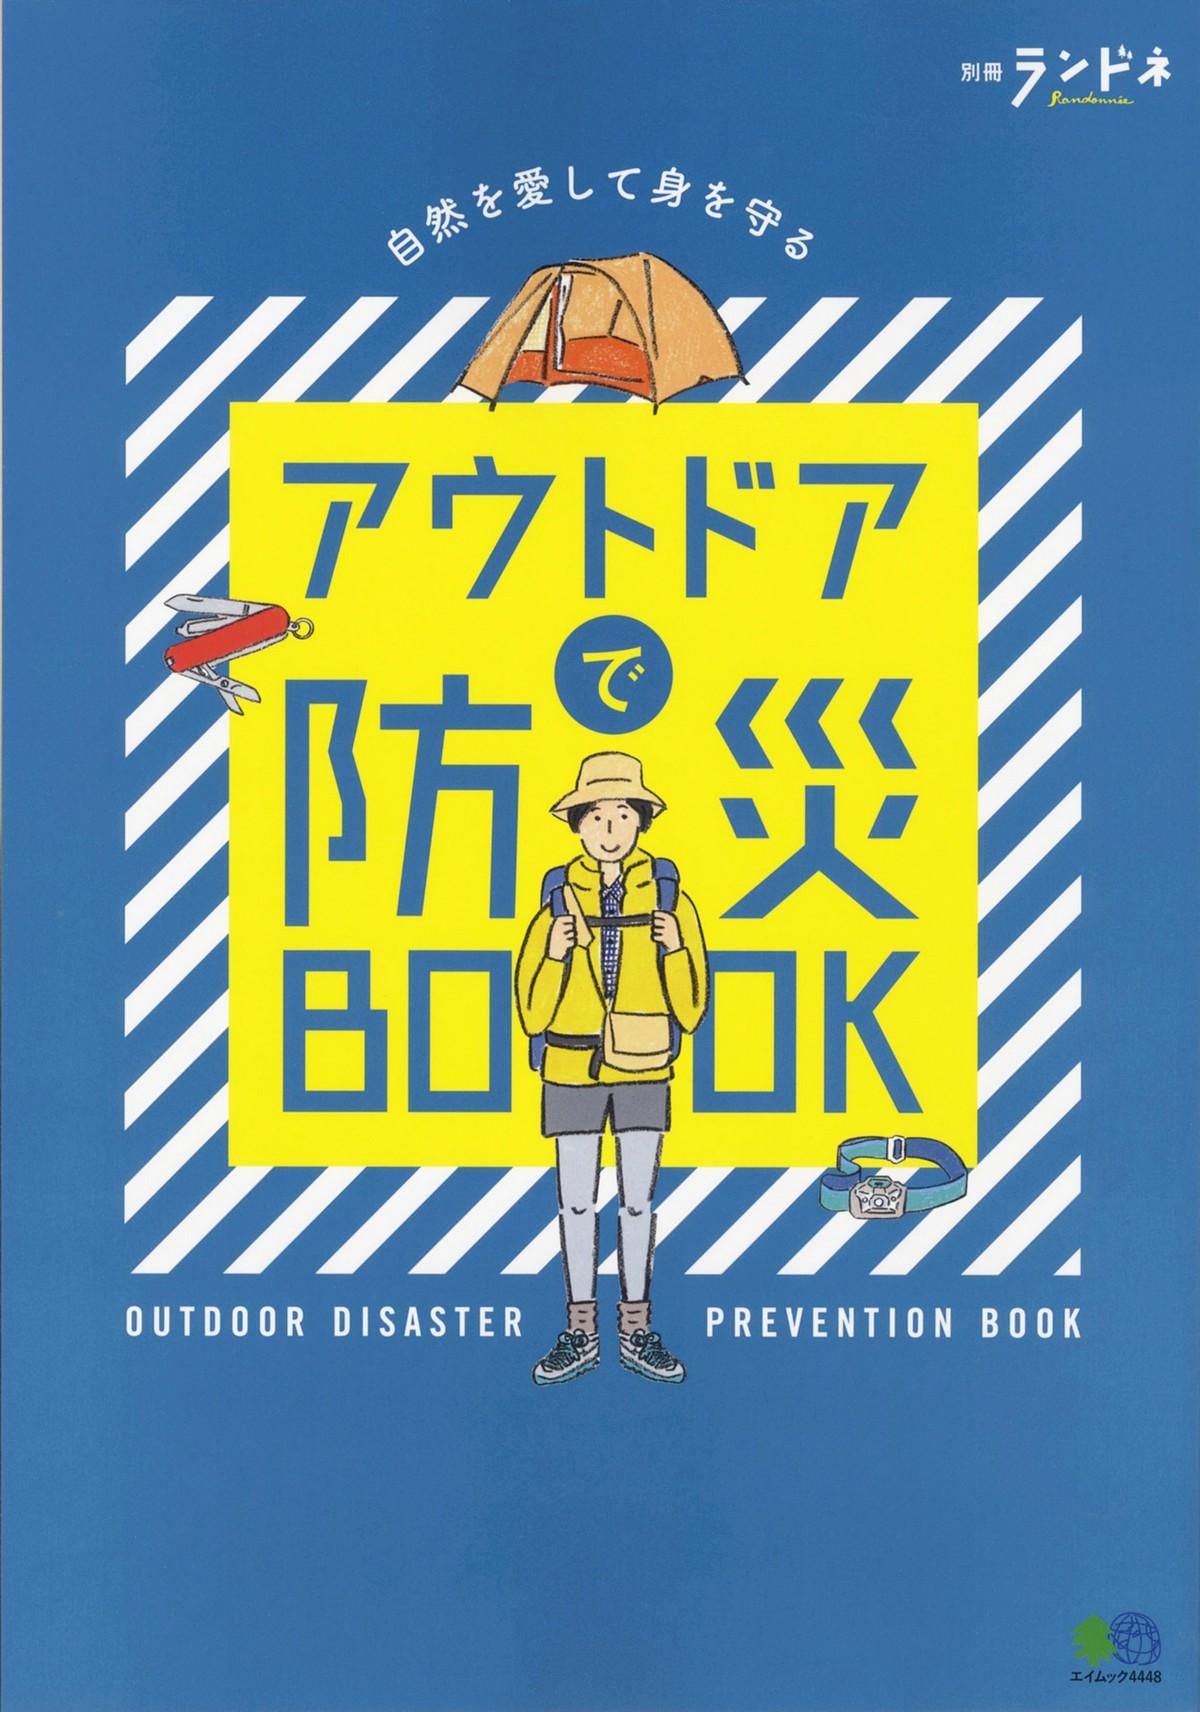 アウトドアで防災BOOK